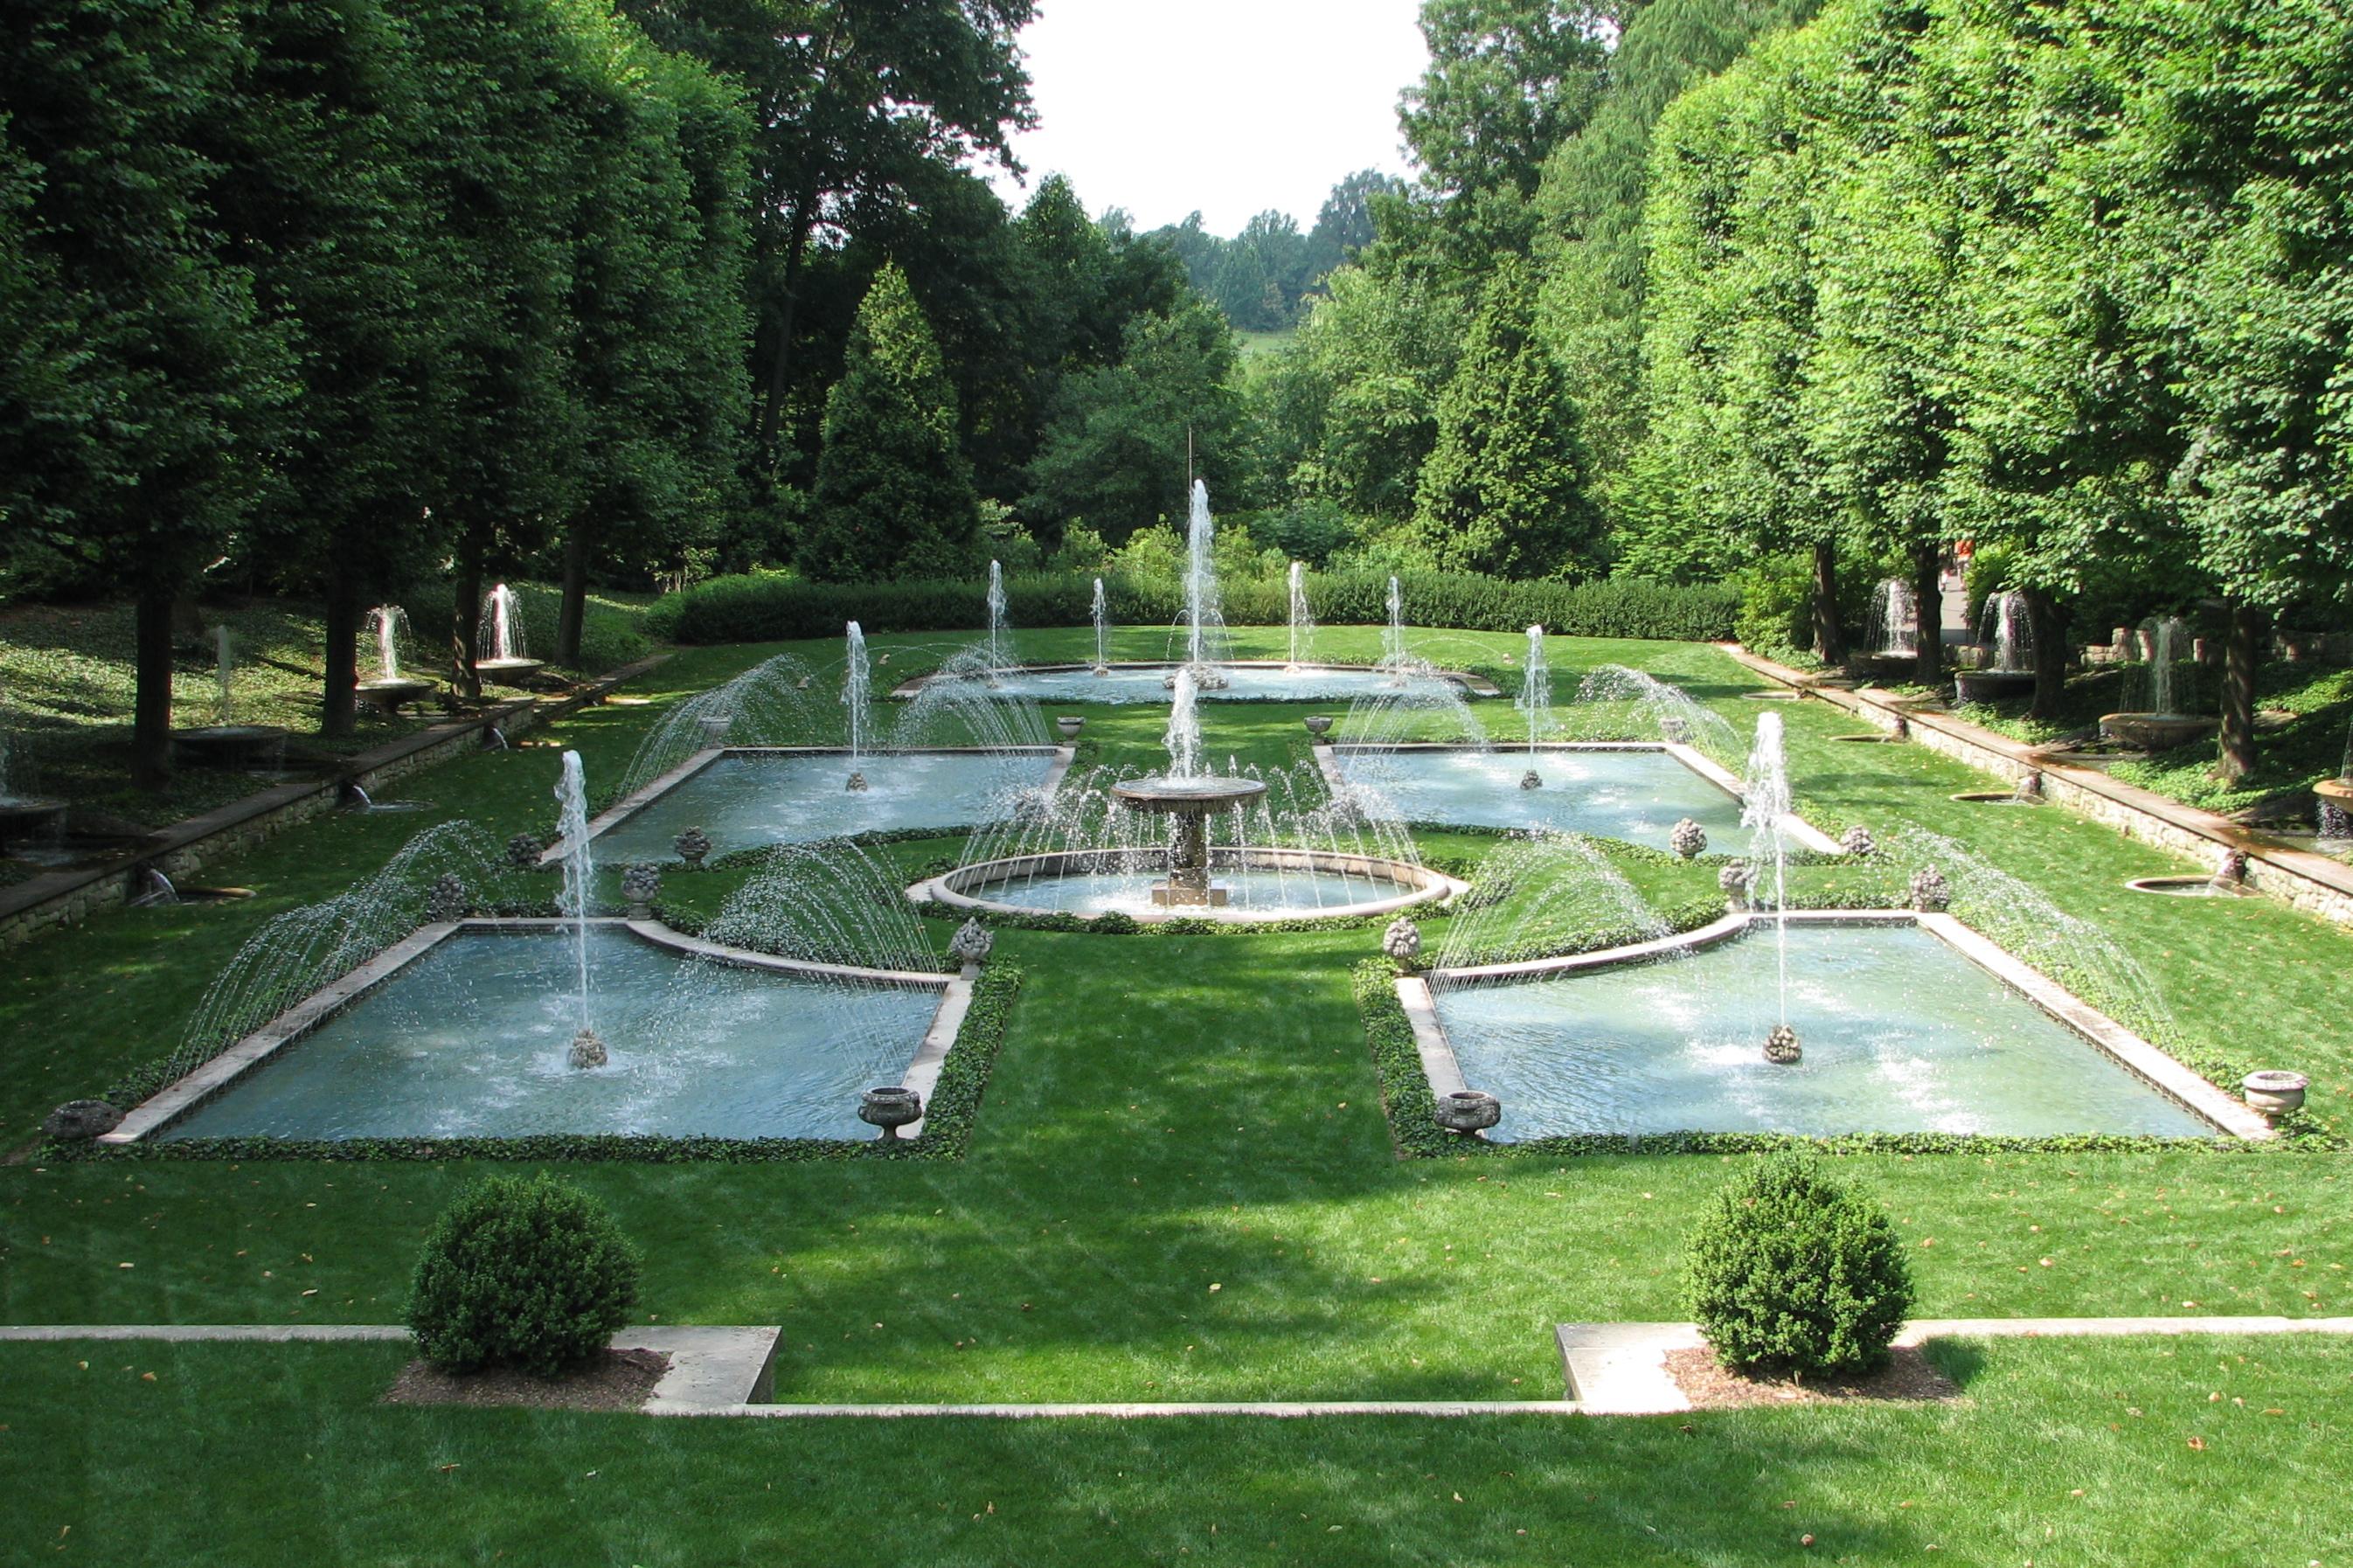 FileItalian Water Garden At Longwood Gardens 1jpg Wikimedia